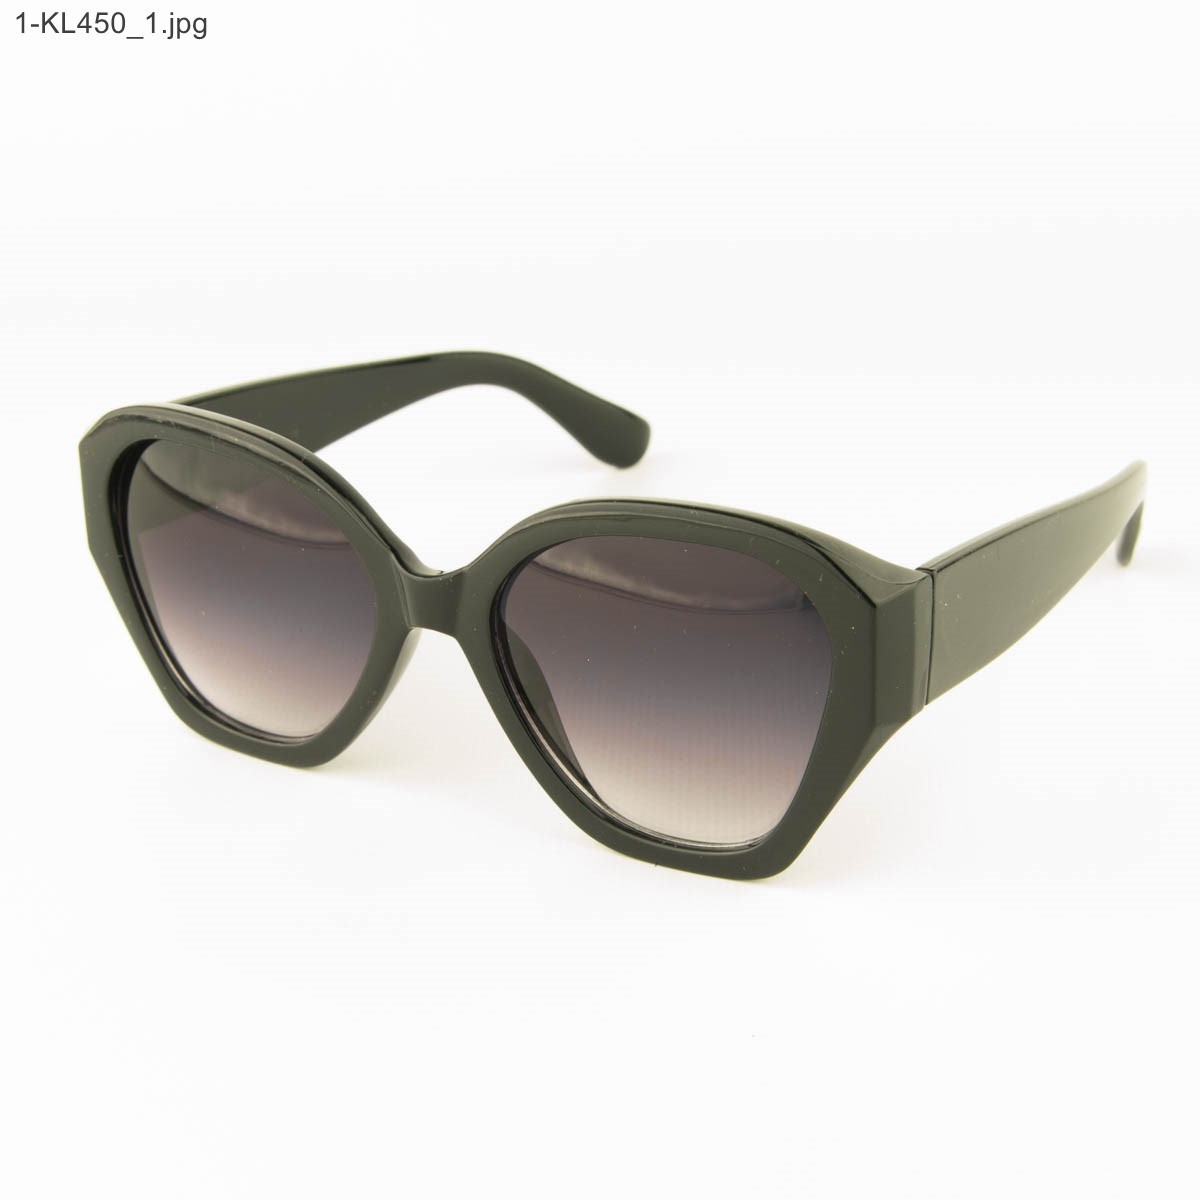 Оптом стильные женские солнцезащитные очки - Черные - 1-КL450